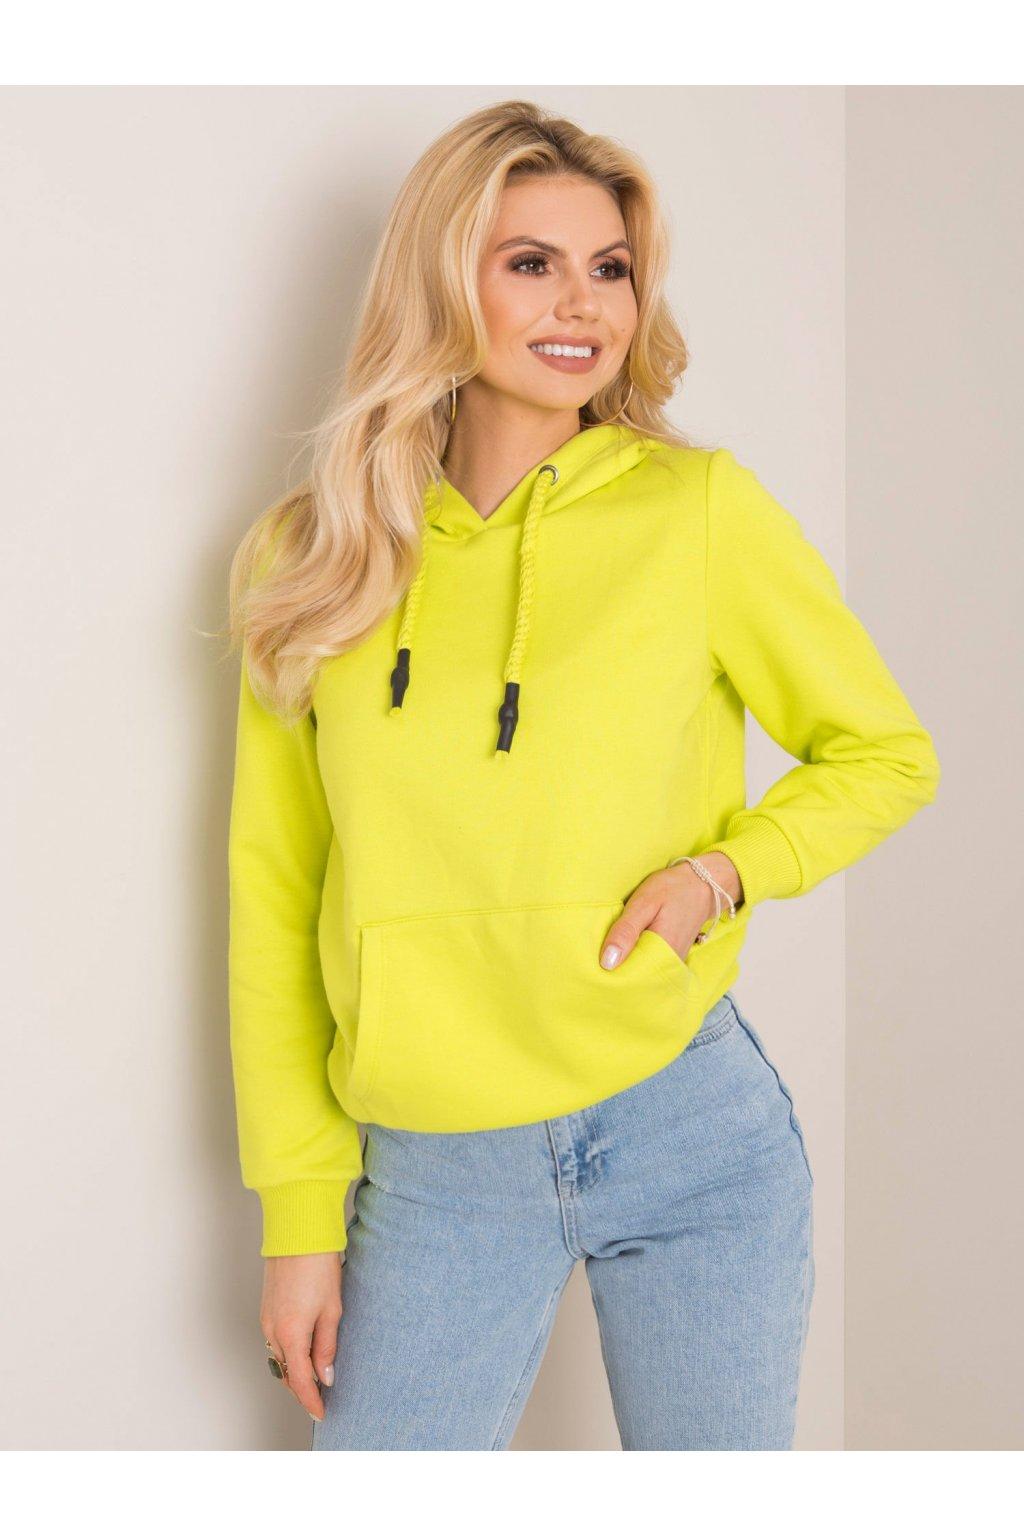 pol pl Limonkowa bluza Snappy 352035 1